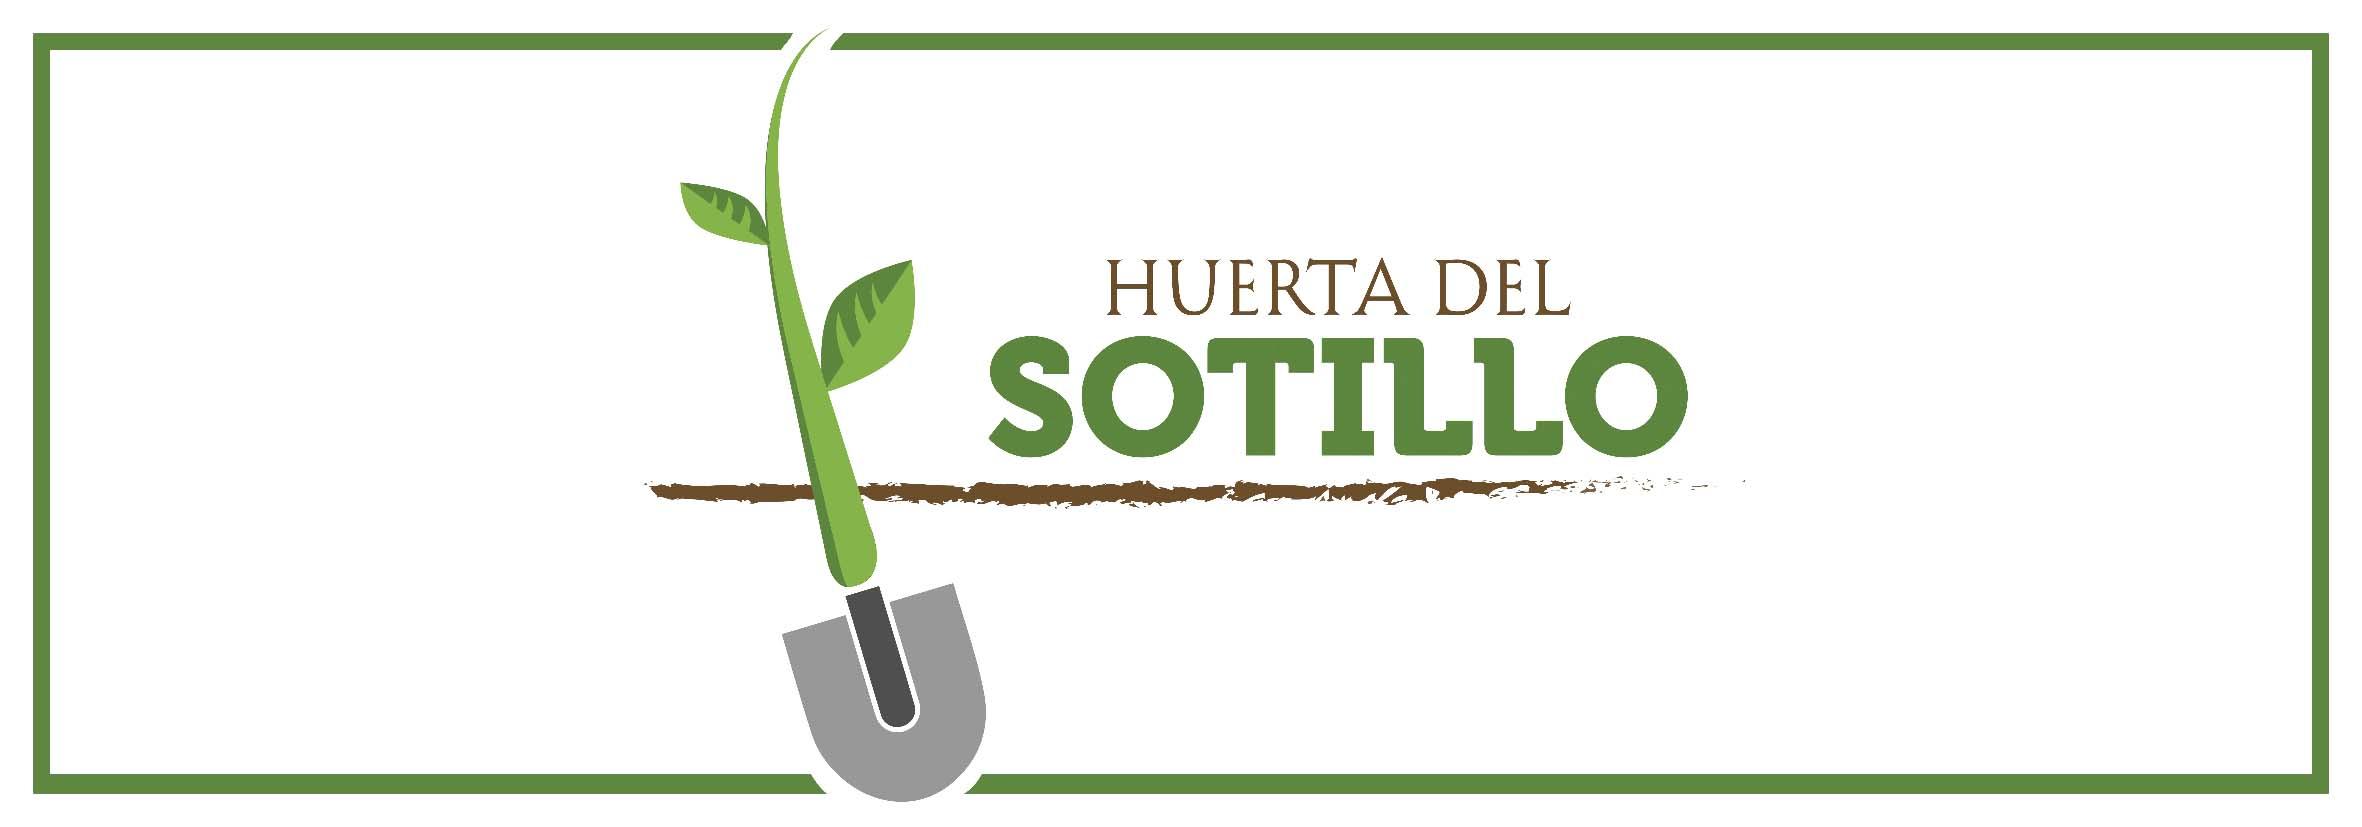 Huerta Del Sotillo